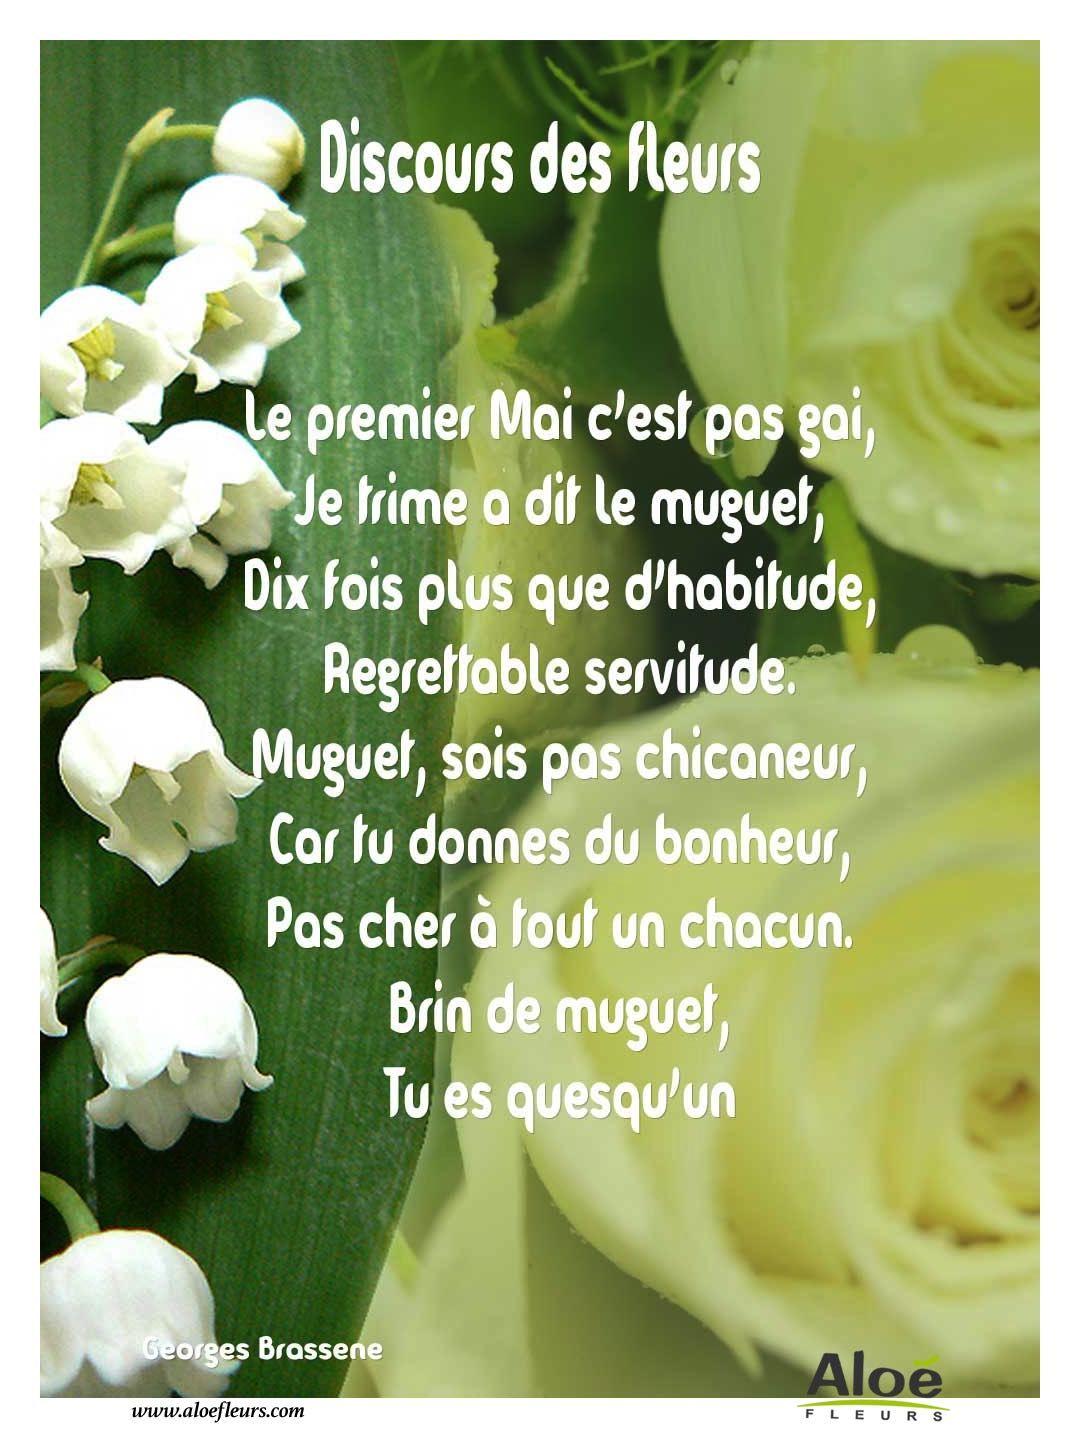 1er mai muguet discours des fleurs 1 mai pinterest bonheur - Images de muguet porte bonheur ...